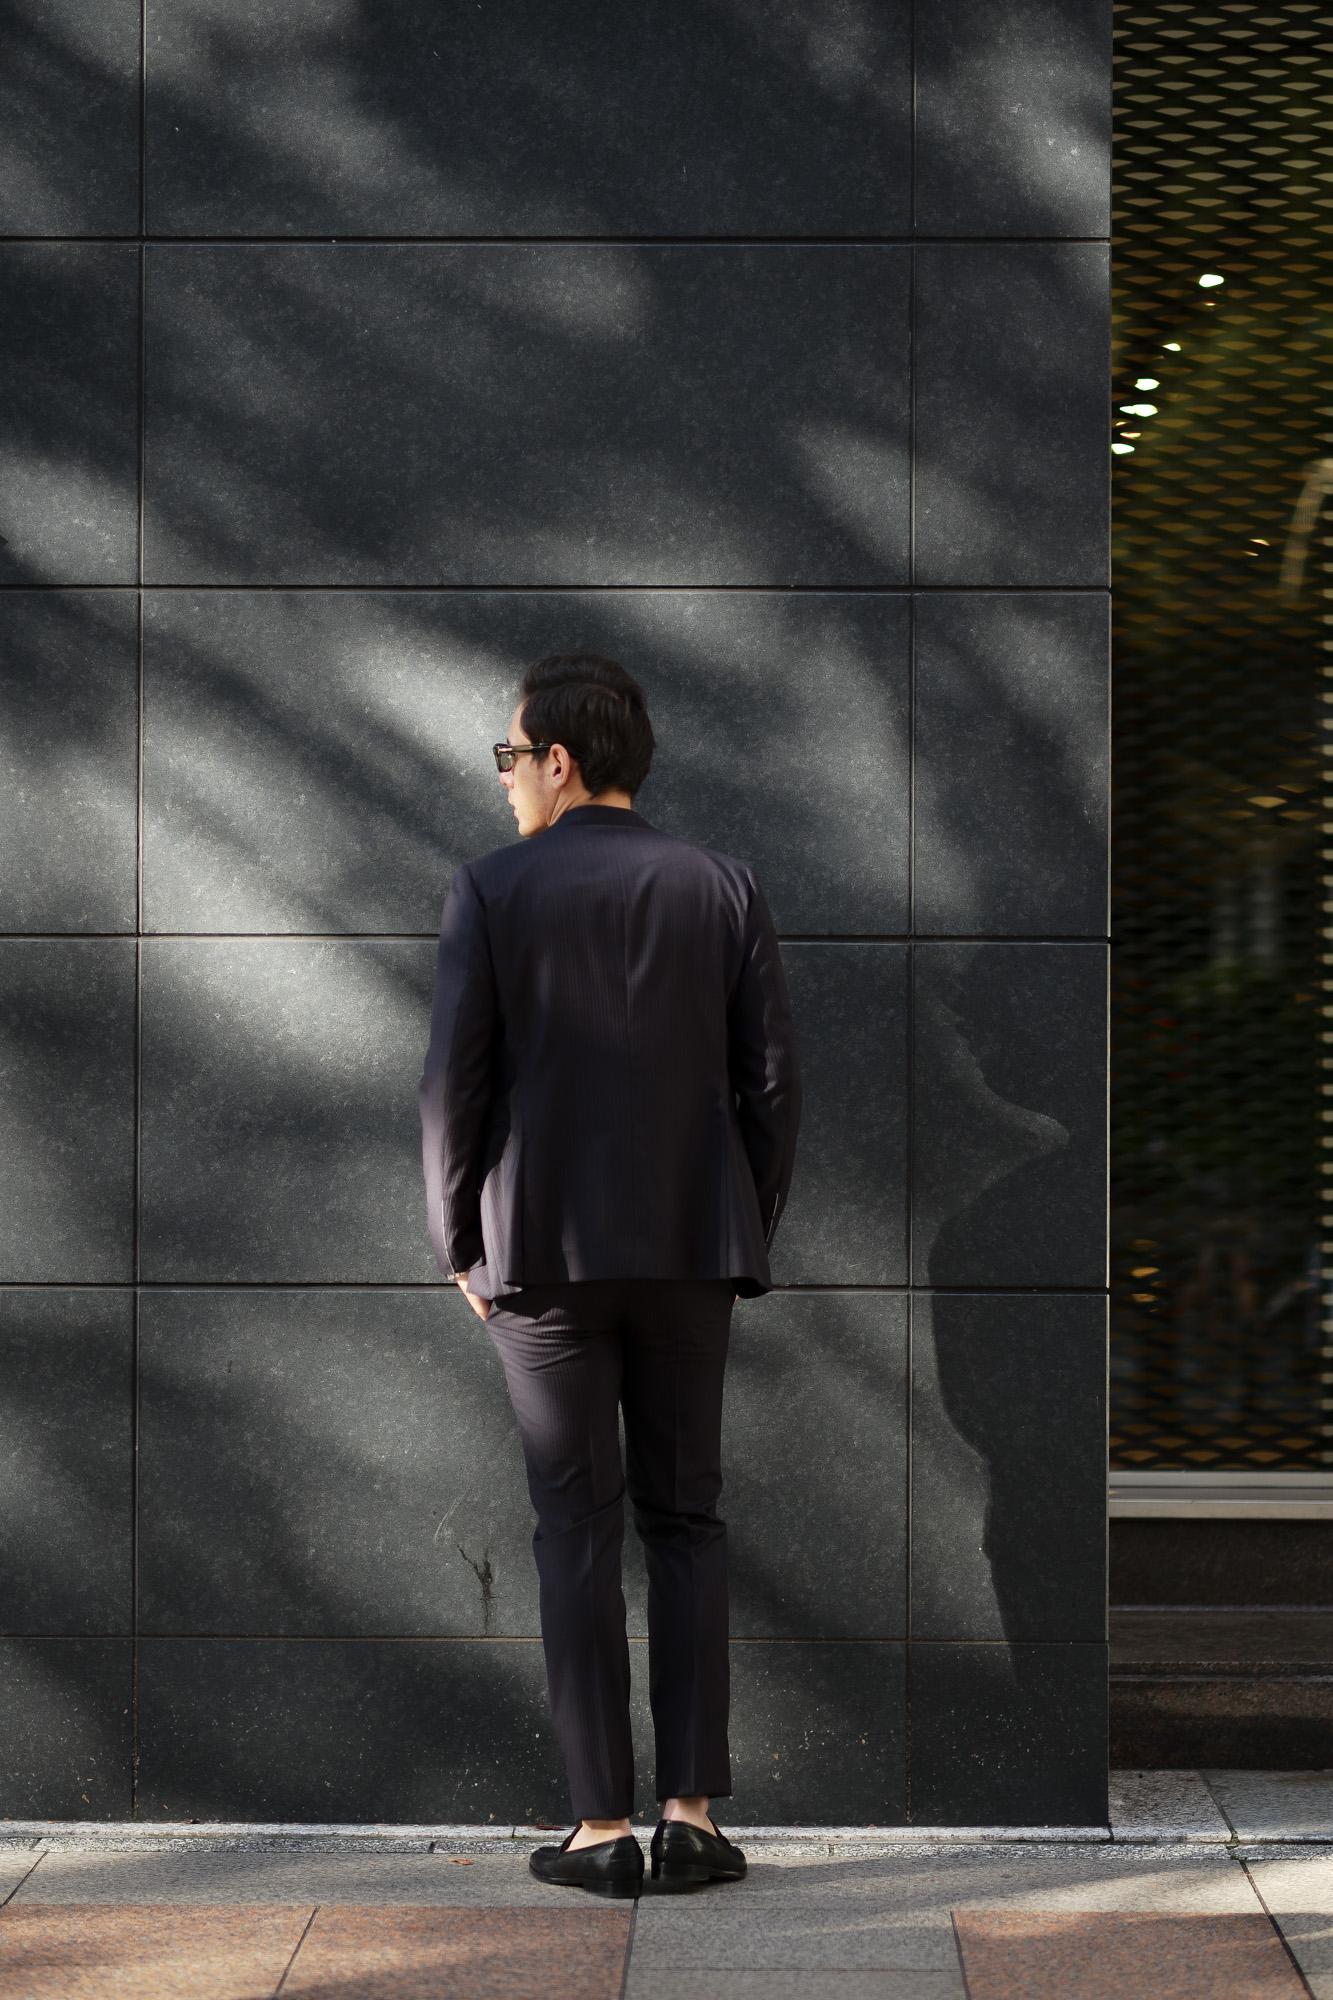 cuervo bopoha(クエルボ ヴァローナ) Sartoria Collection (サルトリア コレクション) Rooster (ルースター) Ermenegildo Zegna エルメネジルド・ゼニア シャドーストライプ スーツ DARK NAVY (ダークネイビー) MADE IN JAPAN (日本製) 2020 【ご予約受付中】 愛知 名古屋 altoediritto アルトエデリット